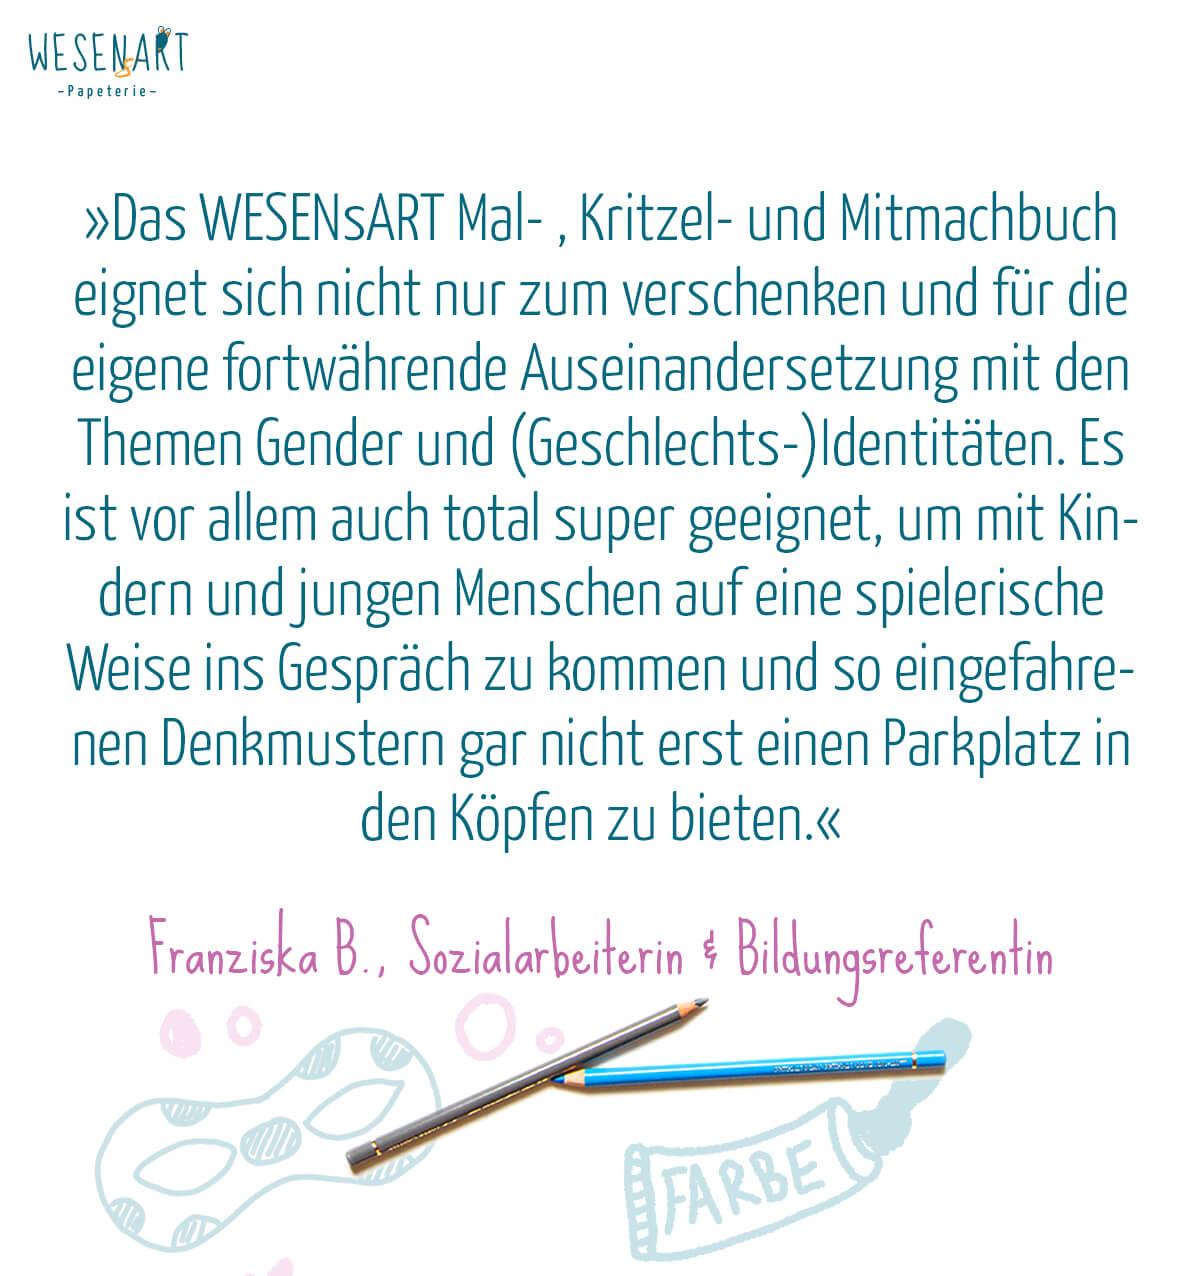 Zitat: »Das WESENsART Mal- , Kritzel- und Mitmachbuch eignet sich nicht nur zum verschenken und für die eigene fortwährende Auseinandersetzung mit den Themen Gender und (Geschlechts-)Identitäten. Es ist vor allem auch total super geeignet, um mit Kindern und jungen Menschen auf eine spielerische Weise ins Gespräch zu kommen und so eingefahrenen Denkmustern gar nicht erst einen Parkplatz in den Köpfen zu bieten.« Franziska B., Sozialarbeiterin & Bildungsreferentin